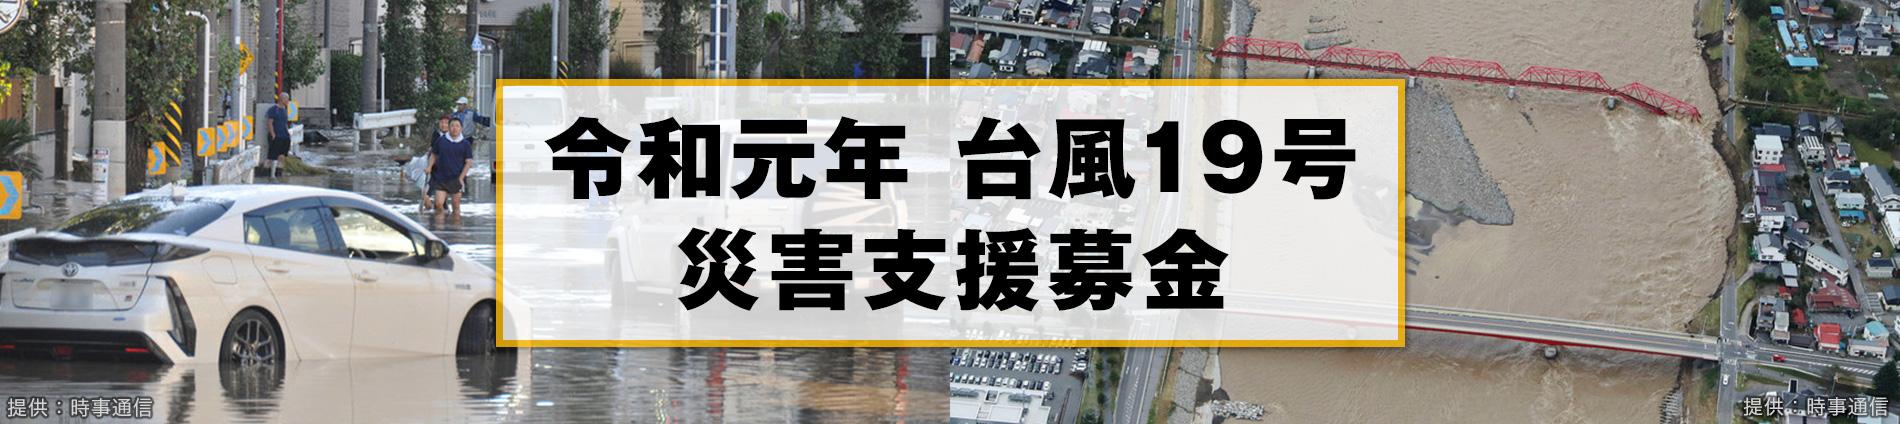 令和元年 台風19号 災害支援募金